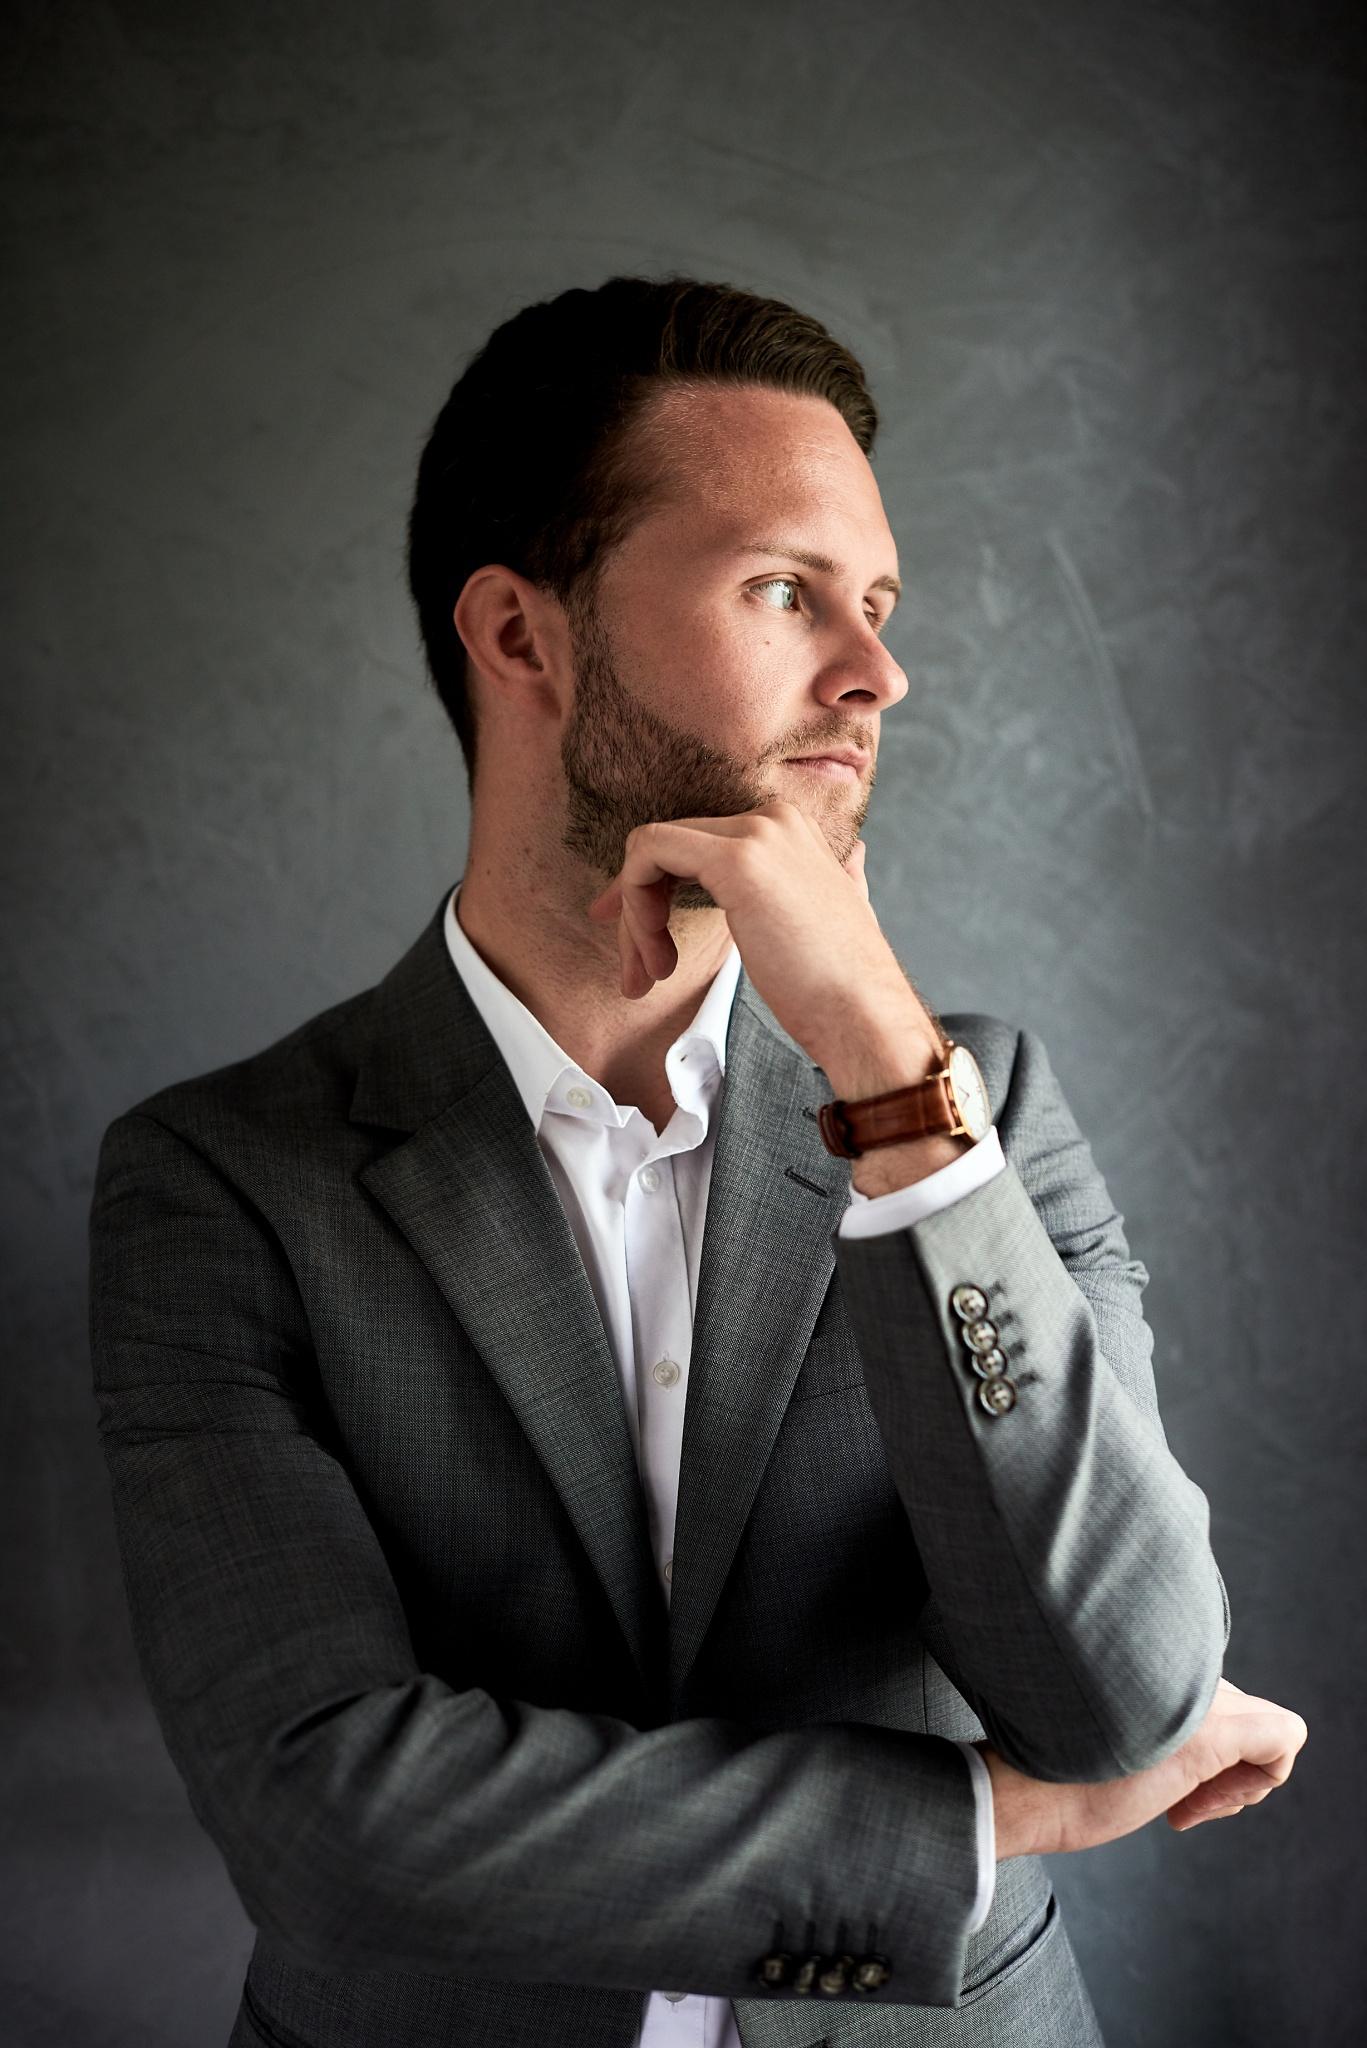 Alexander Wehmeyer